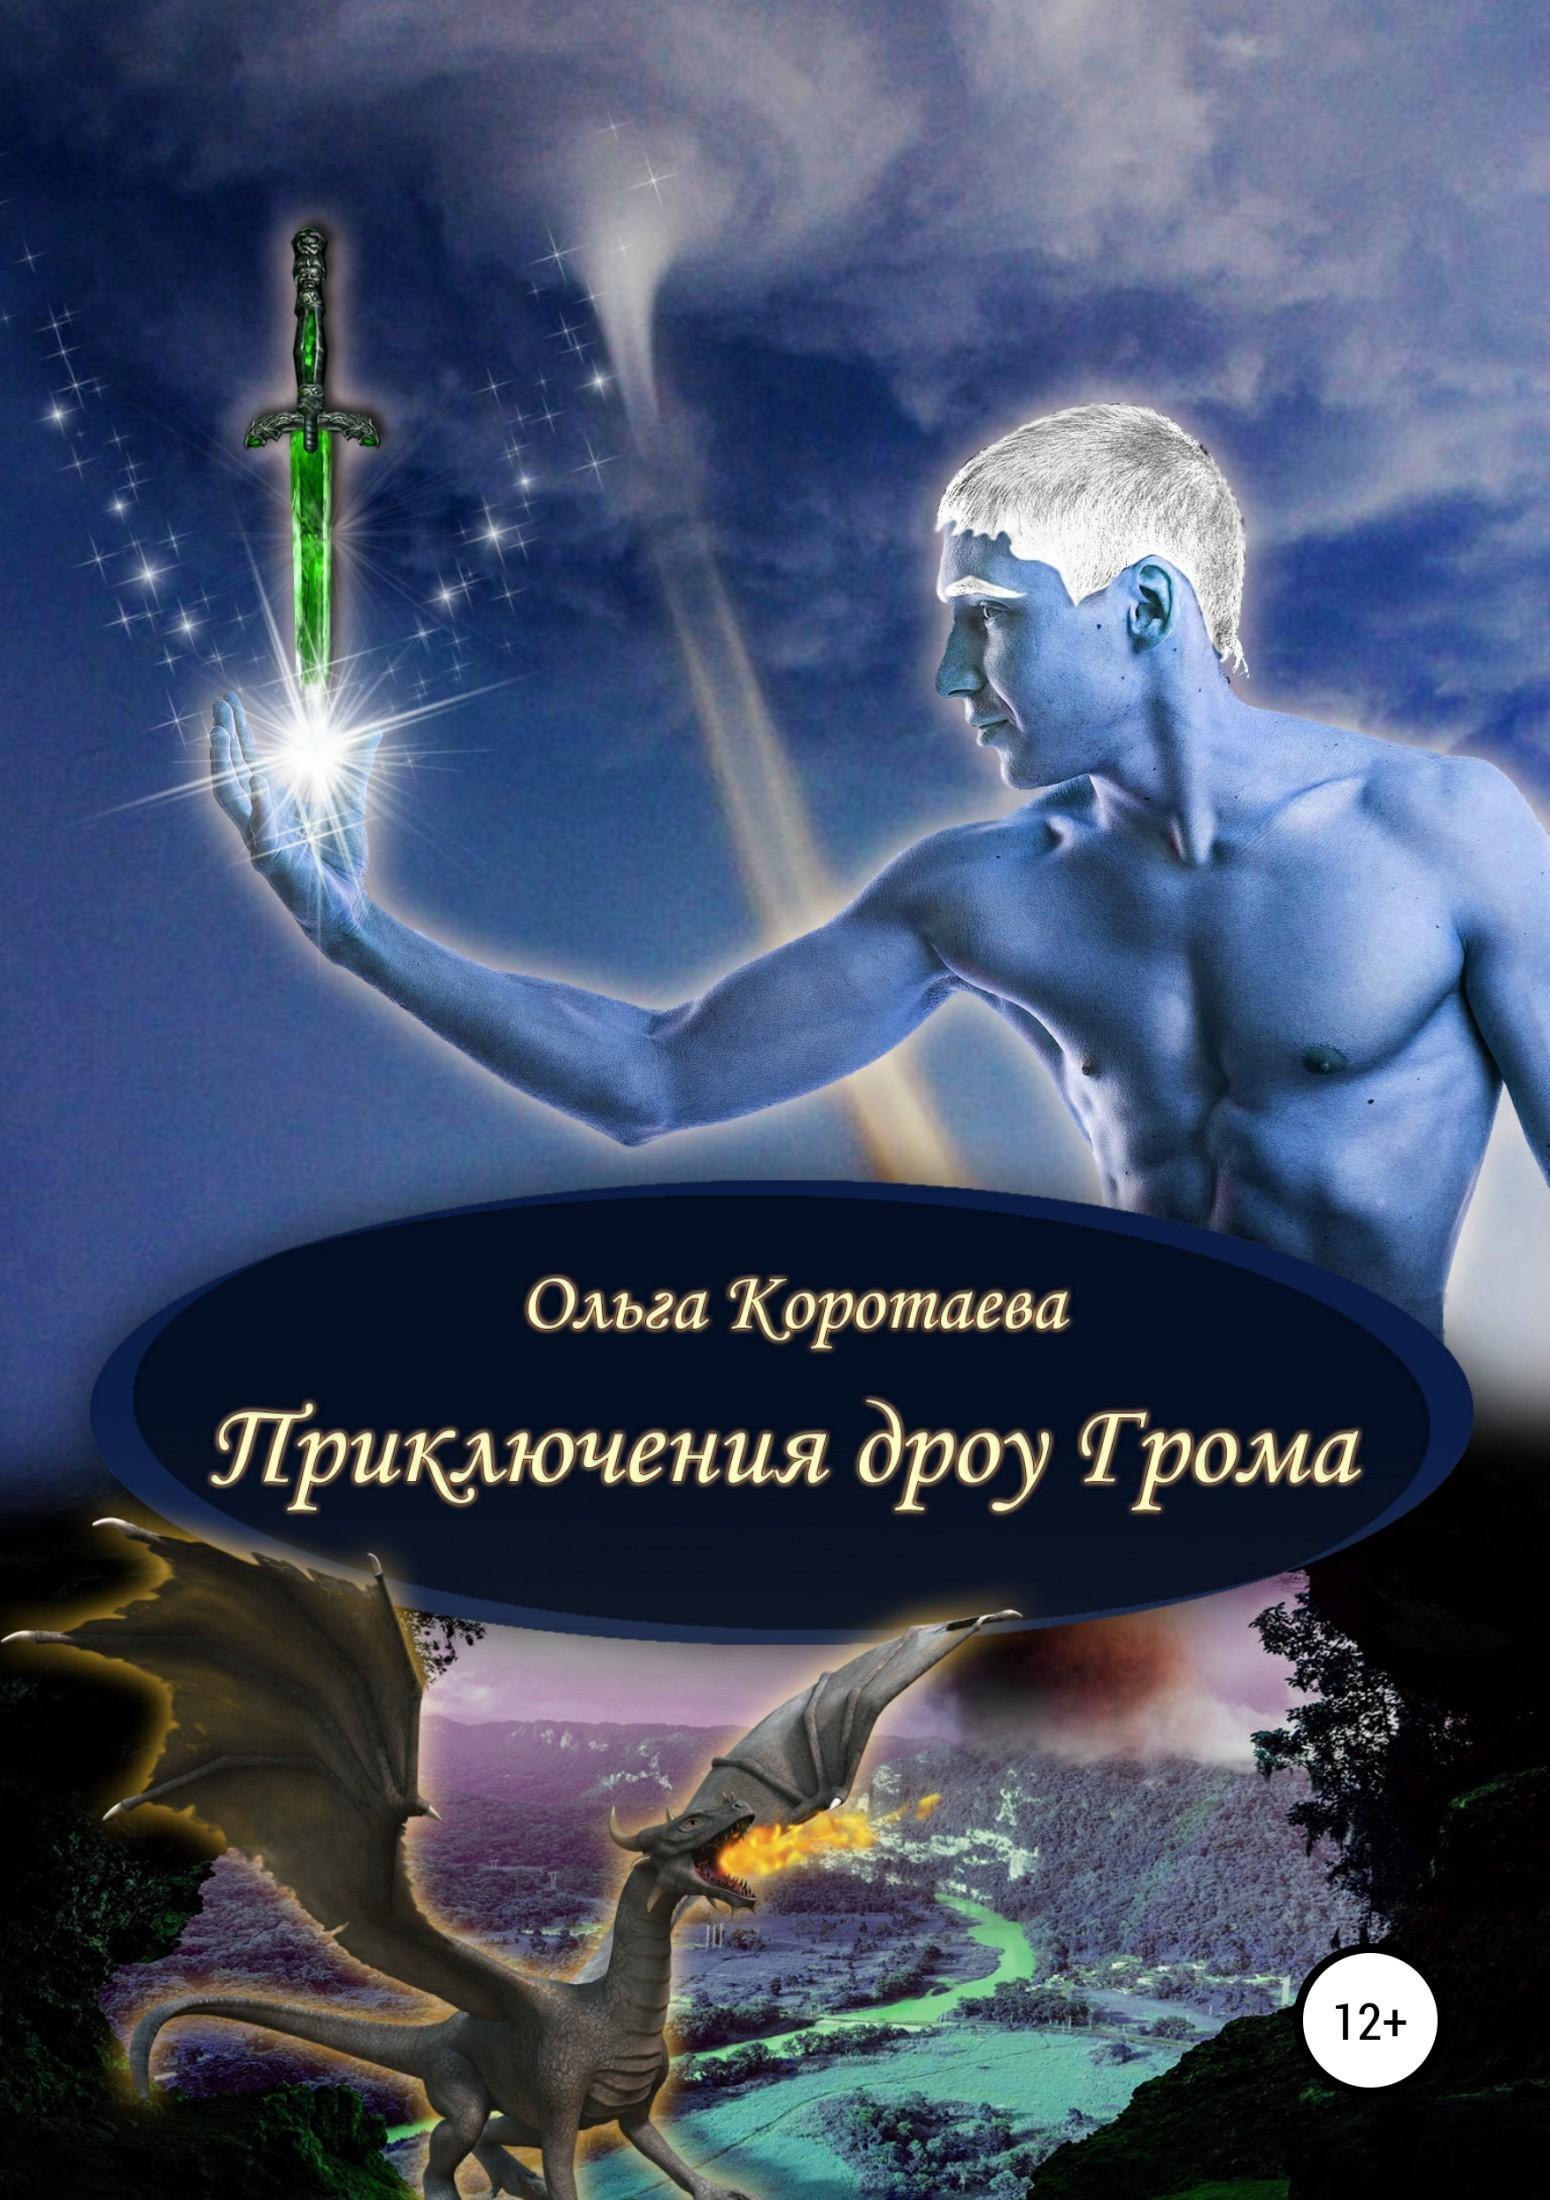 Я, ольга гепнарова / ja, olga hepnarova (2016) скачать торрент.